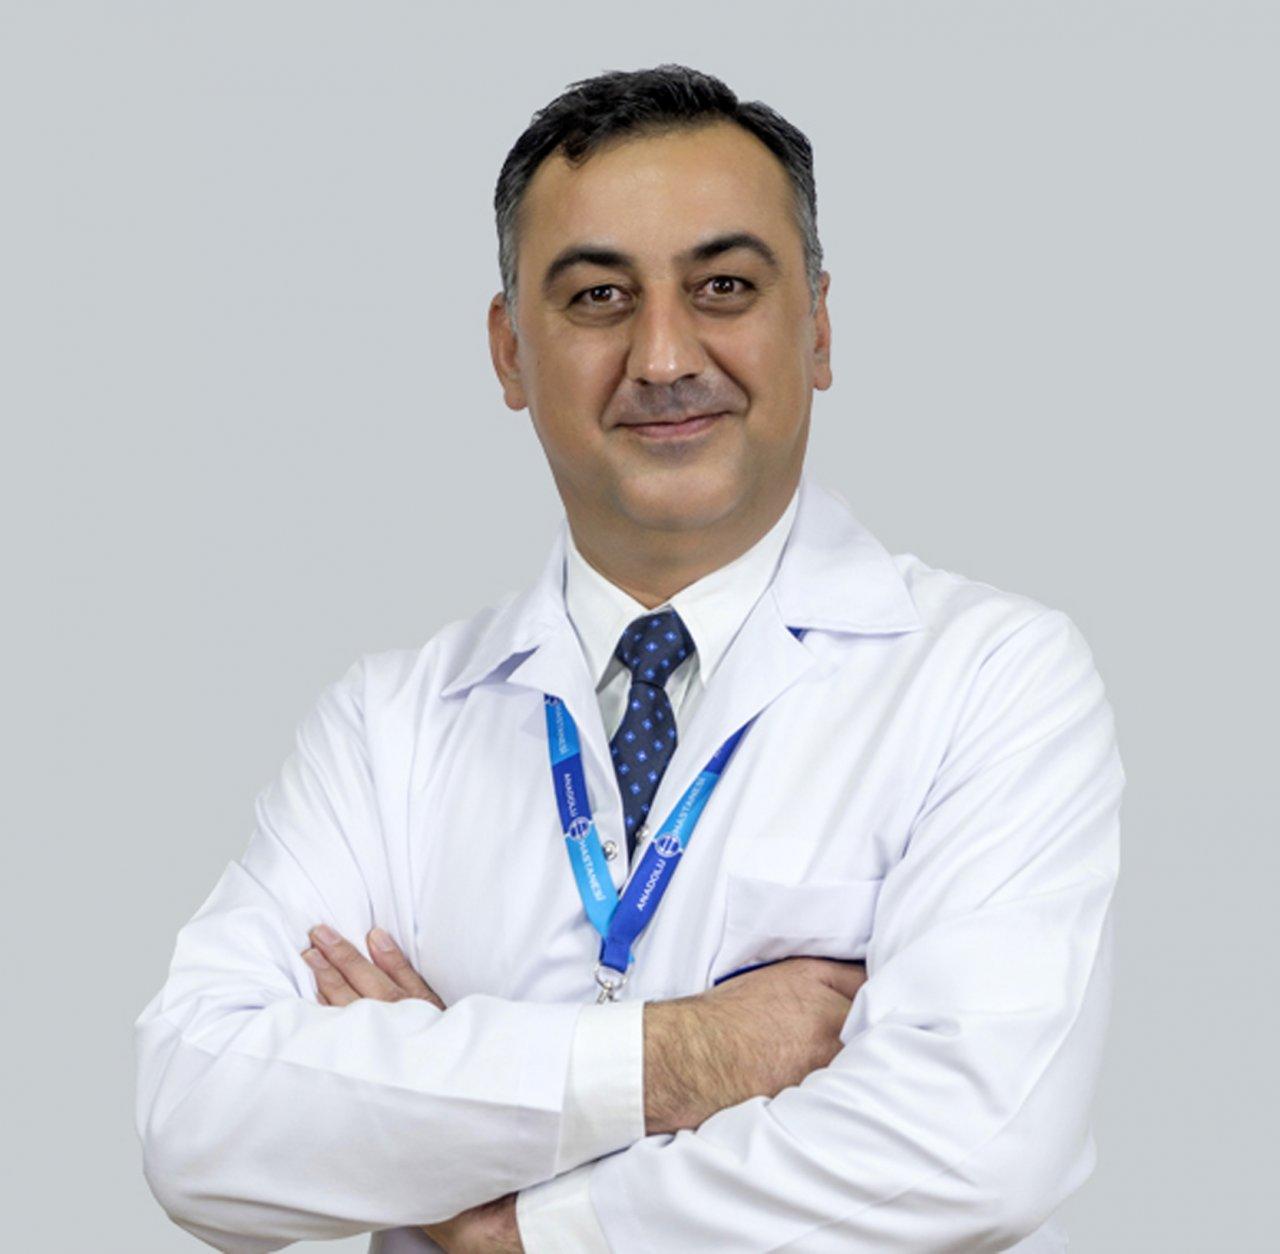 kardiyoloji-uzm-dr-taylan-erdem-sahin-covid-19-salgininda-kalp-hastalarinin-tedavi-surecleri-hakkinda-aciklamalarda-bulundu.jpg